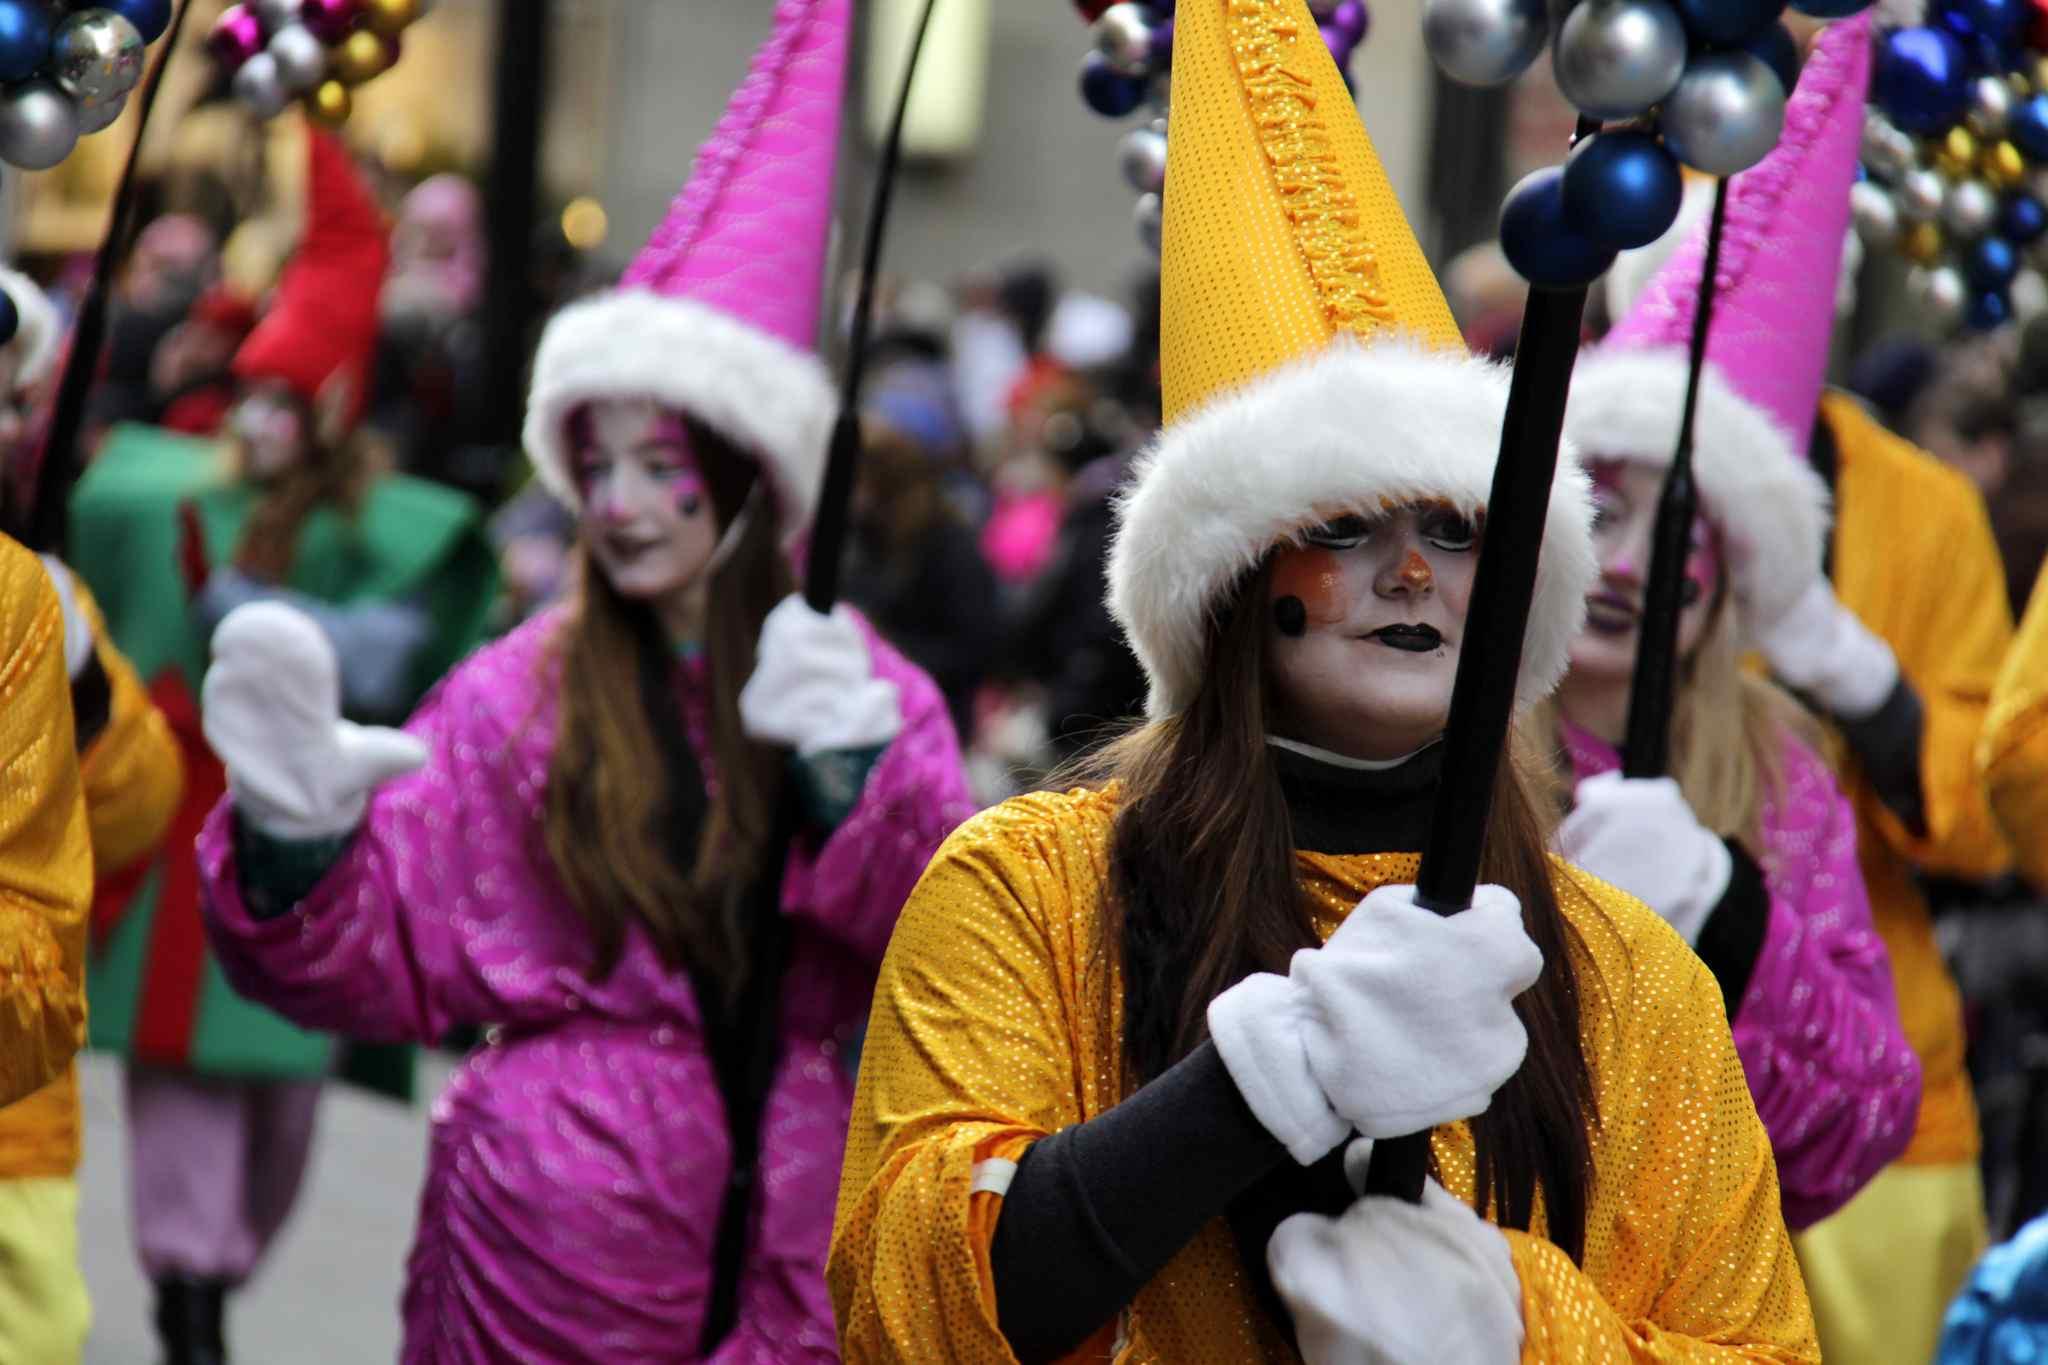 Weihnachtsmann-Parade